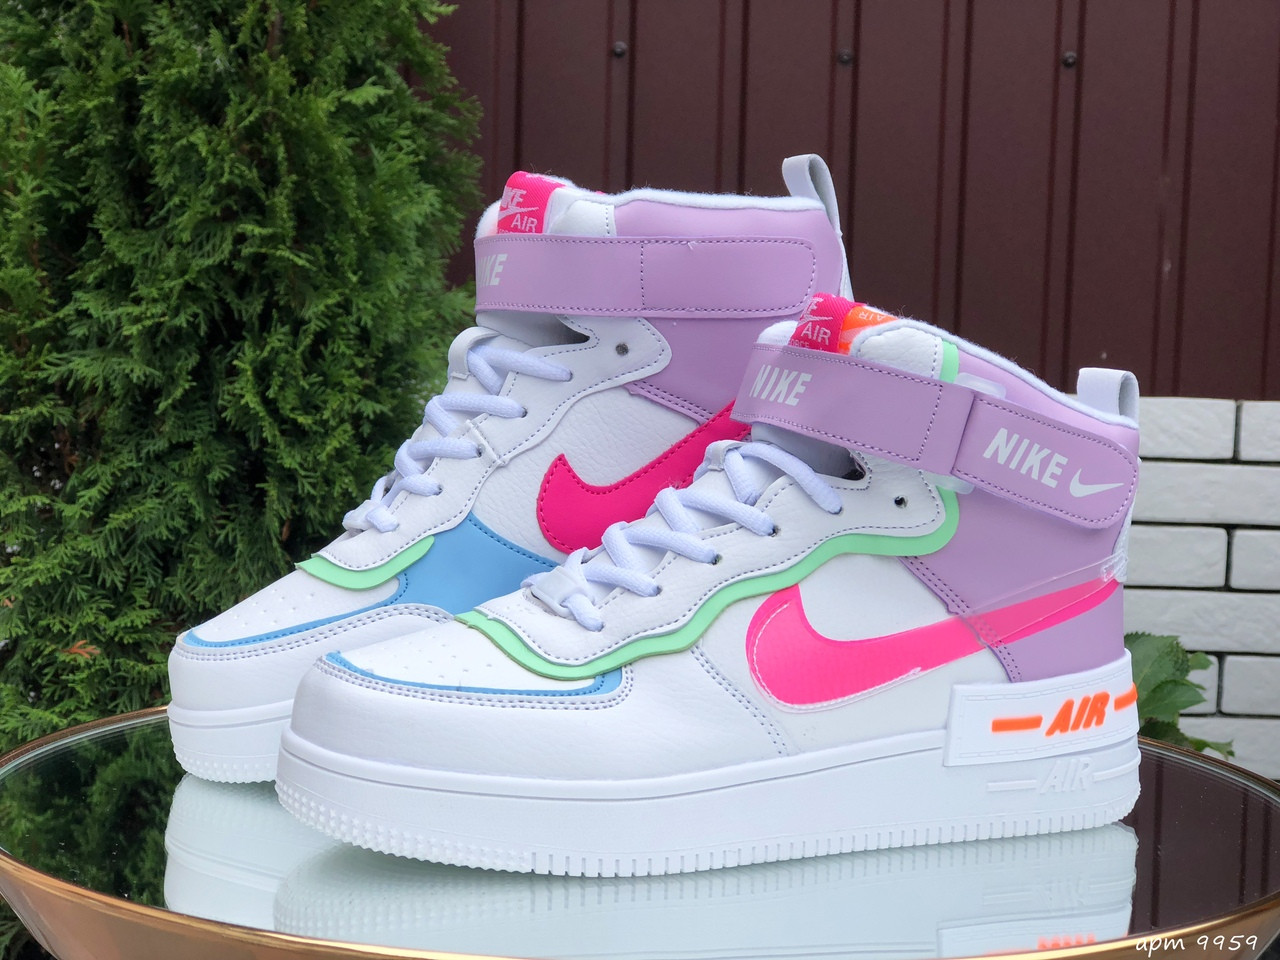 Женские зимние кроссовки Nike Air Force 1 Shadow (бело-фиолетовые с розовым) 9959